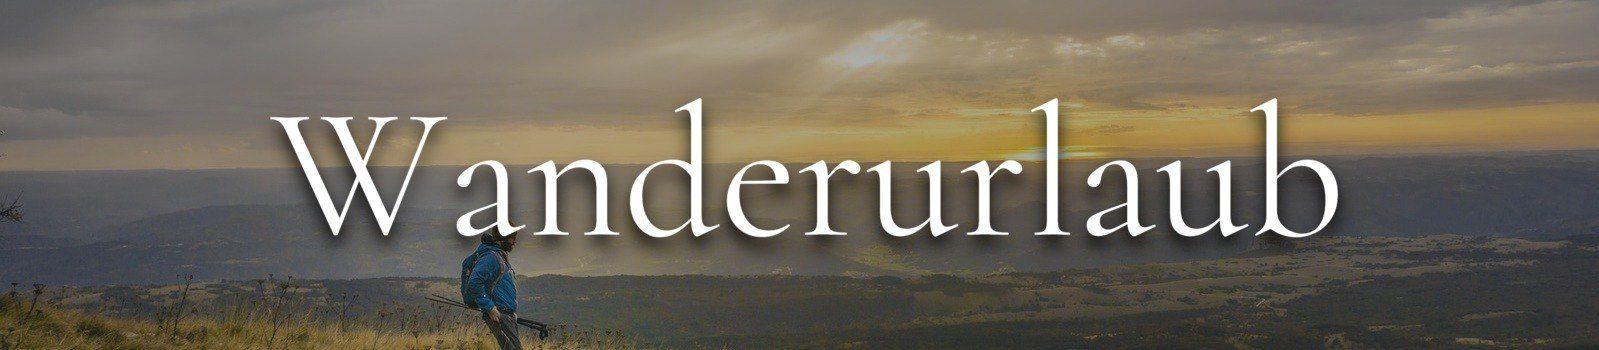 Wanderurlaub Banner